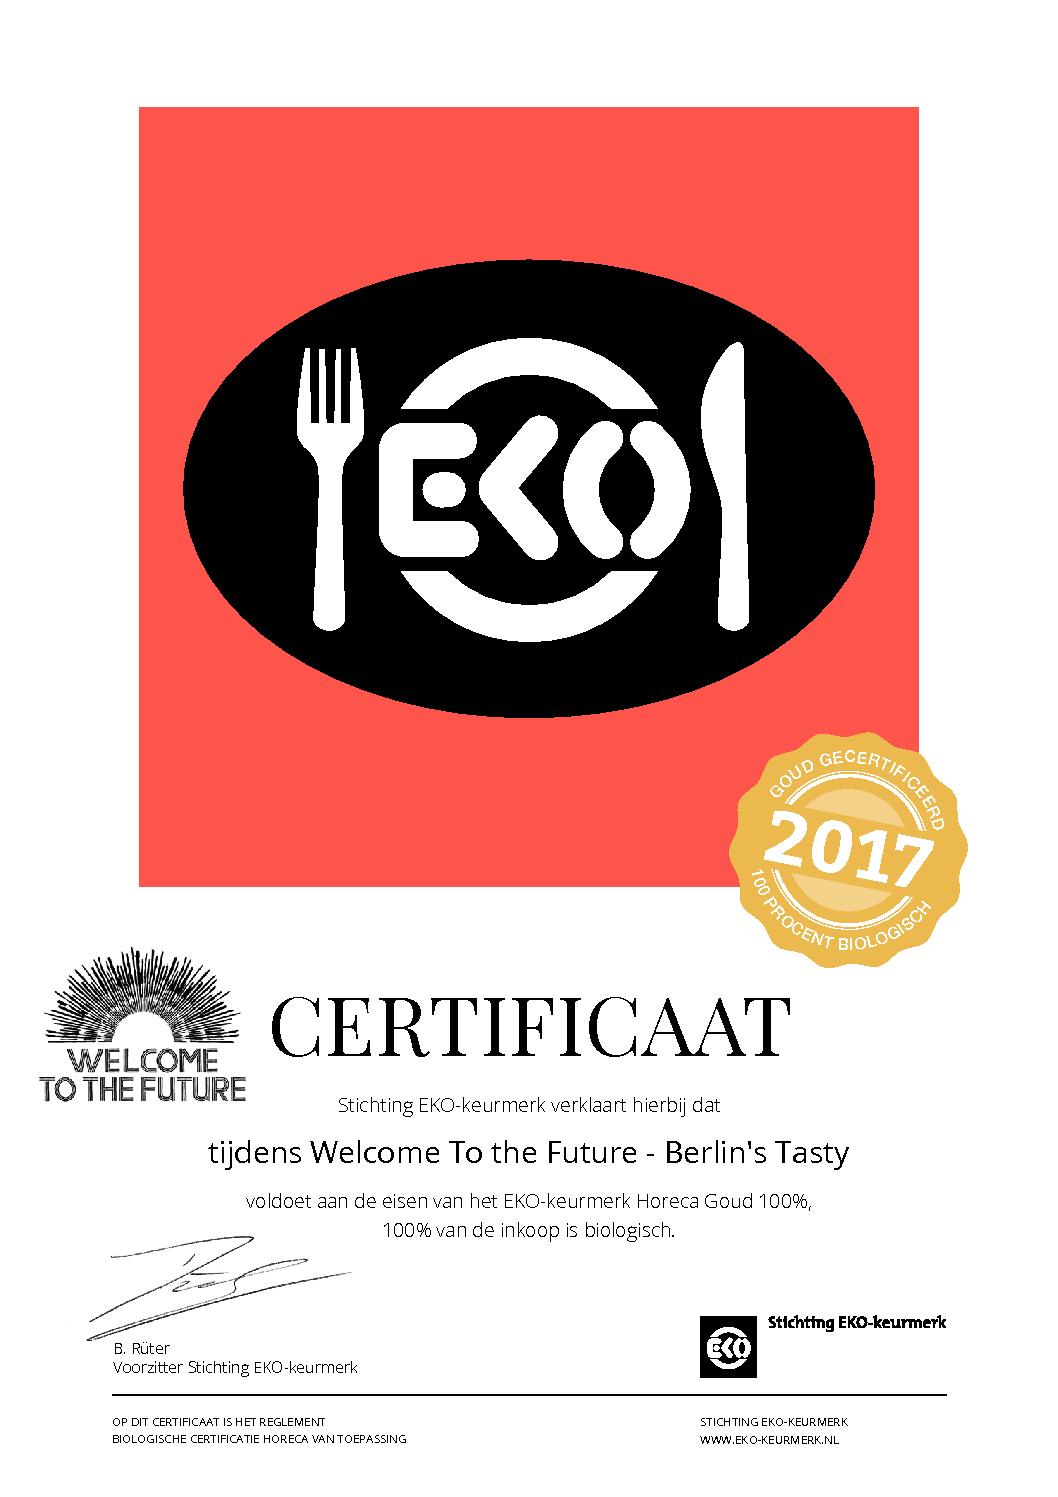 berlins-tasty-EKO-keurmerk